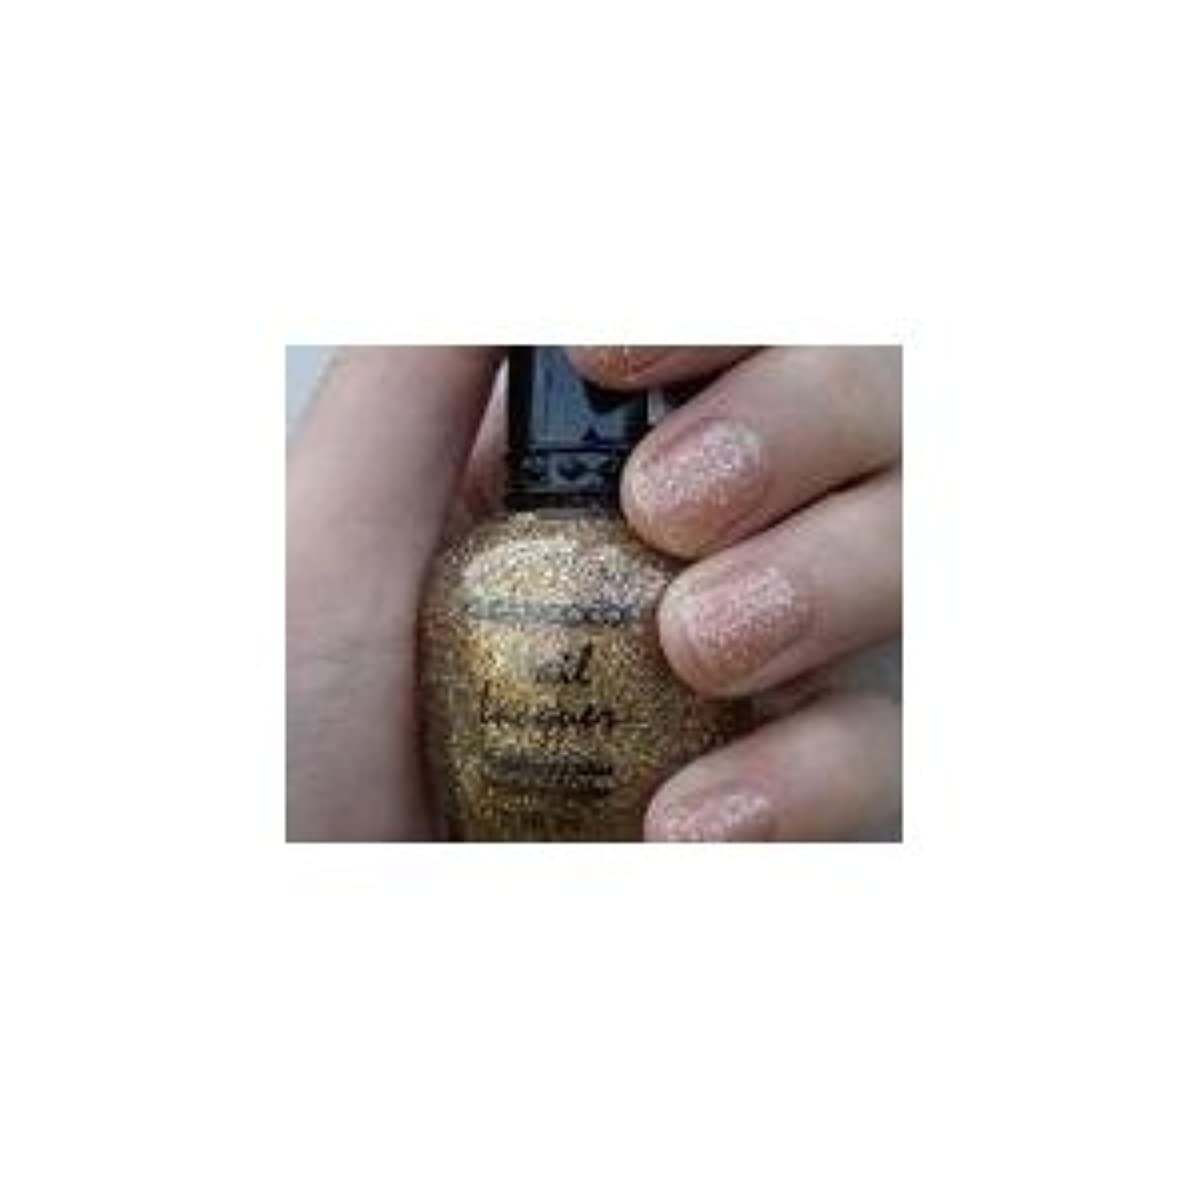 証明超越する渇きKLEANCOLOR Nail Lacquer 3-24 Carat (並行輸入品)